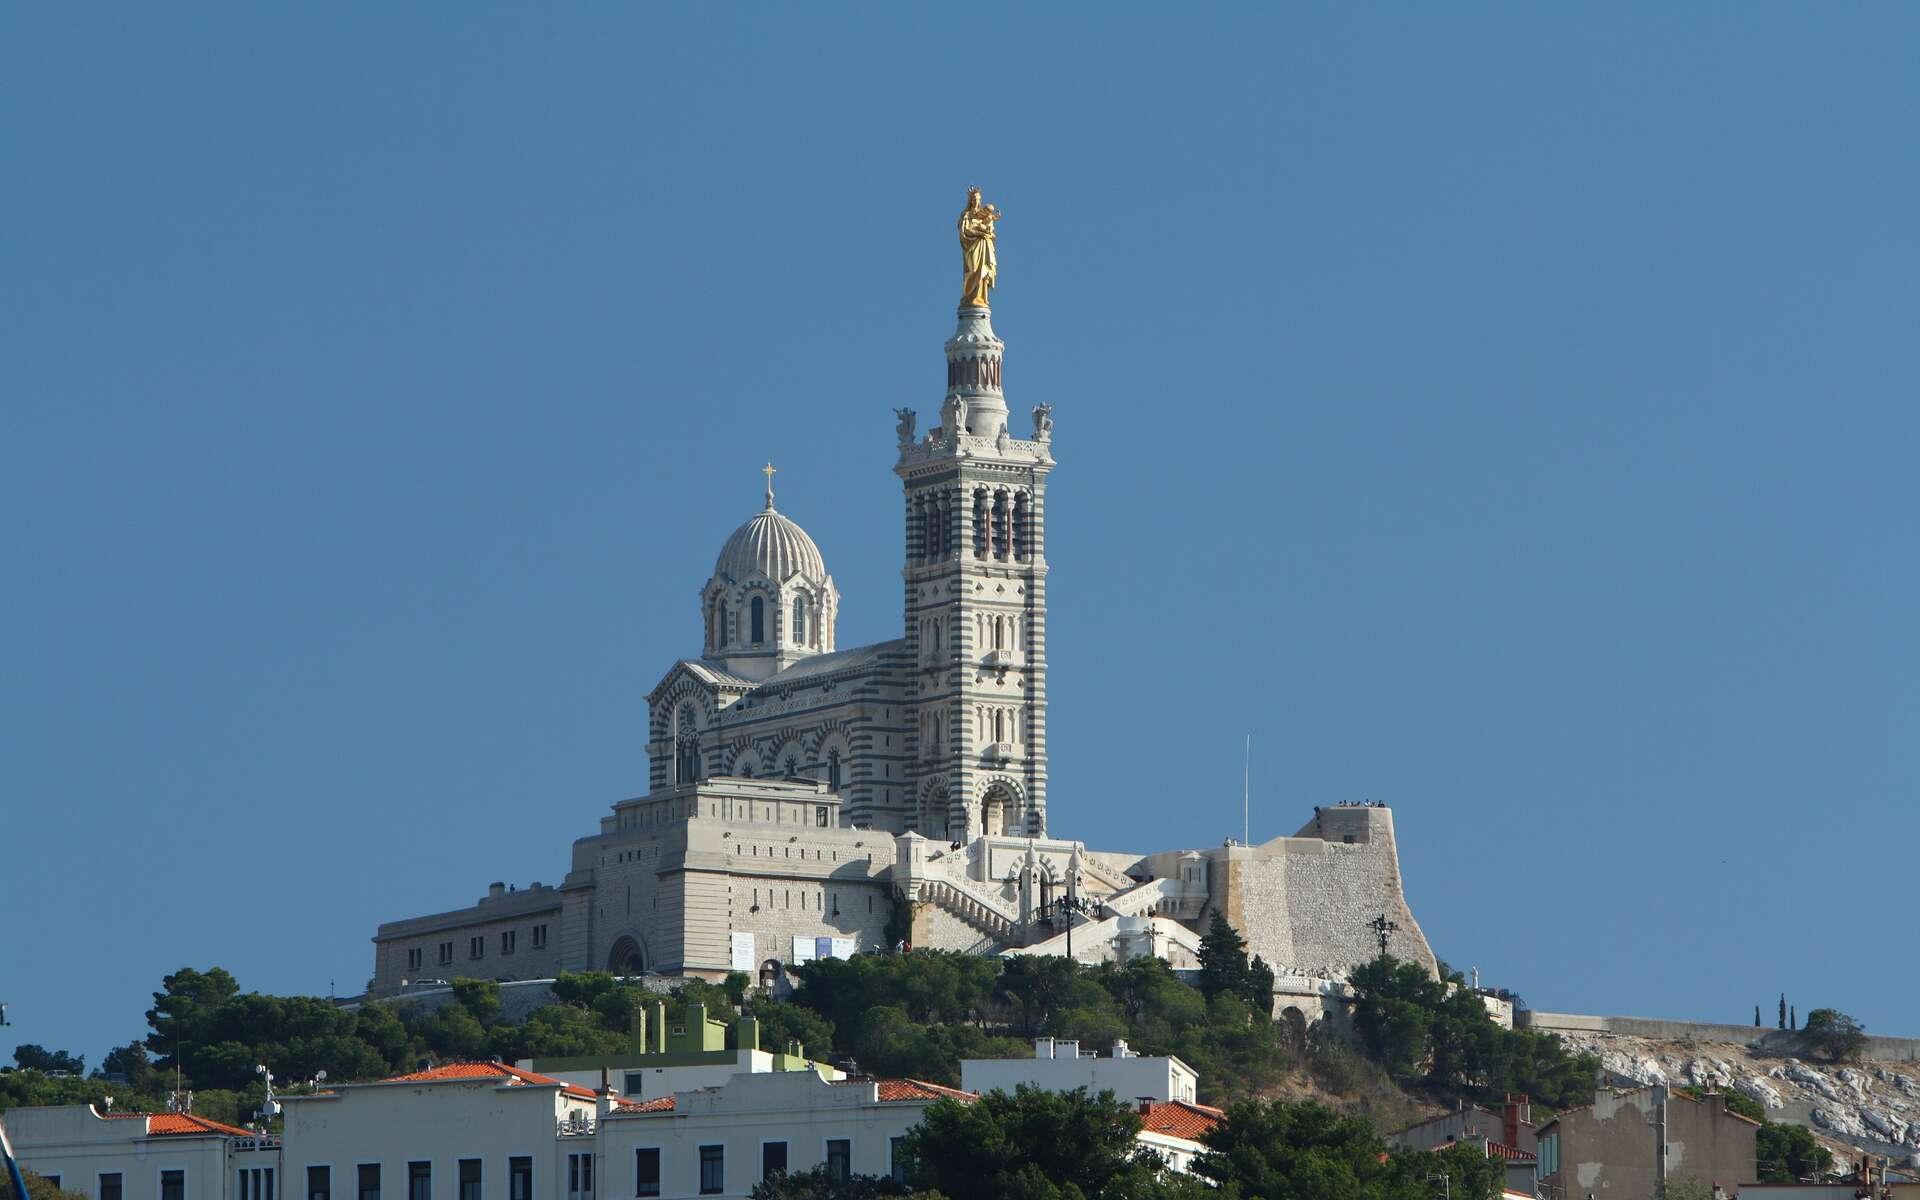 La basilique Notre-Dame-de-la-Garde, ici dans un ciel limpide, est l'un des symboles de Marseille. © Benh LIEU SONG, Wikimedia Commons, cc by sa 3.0